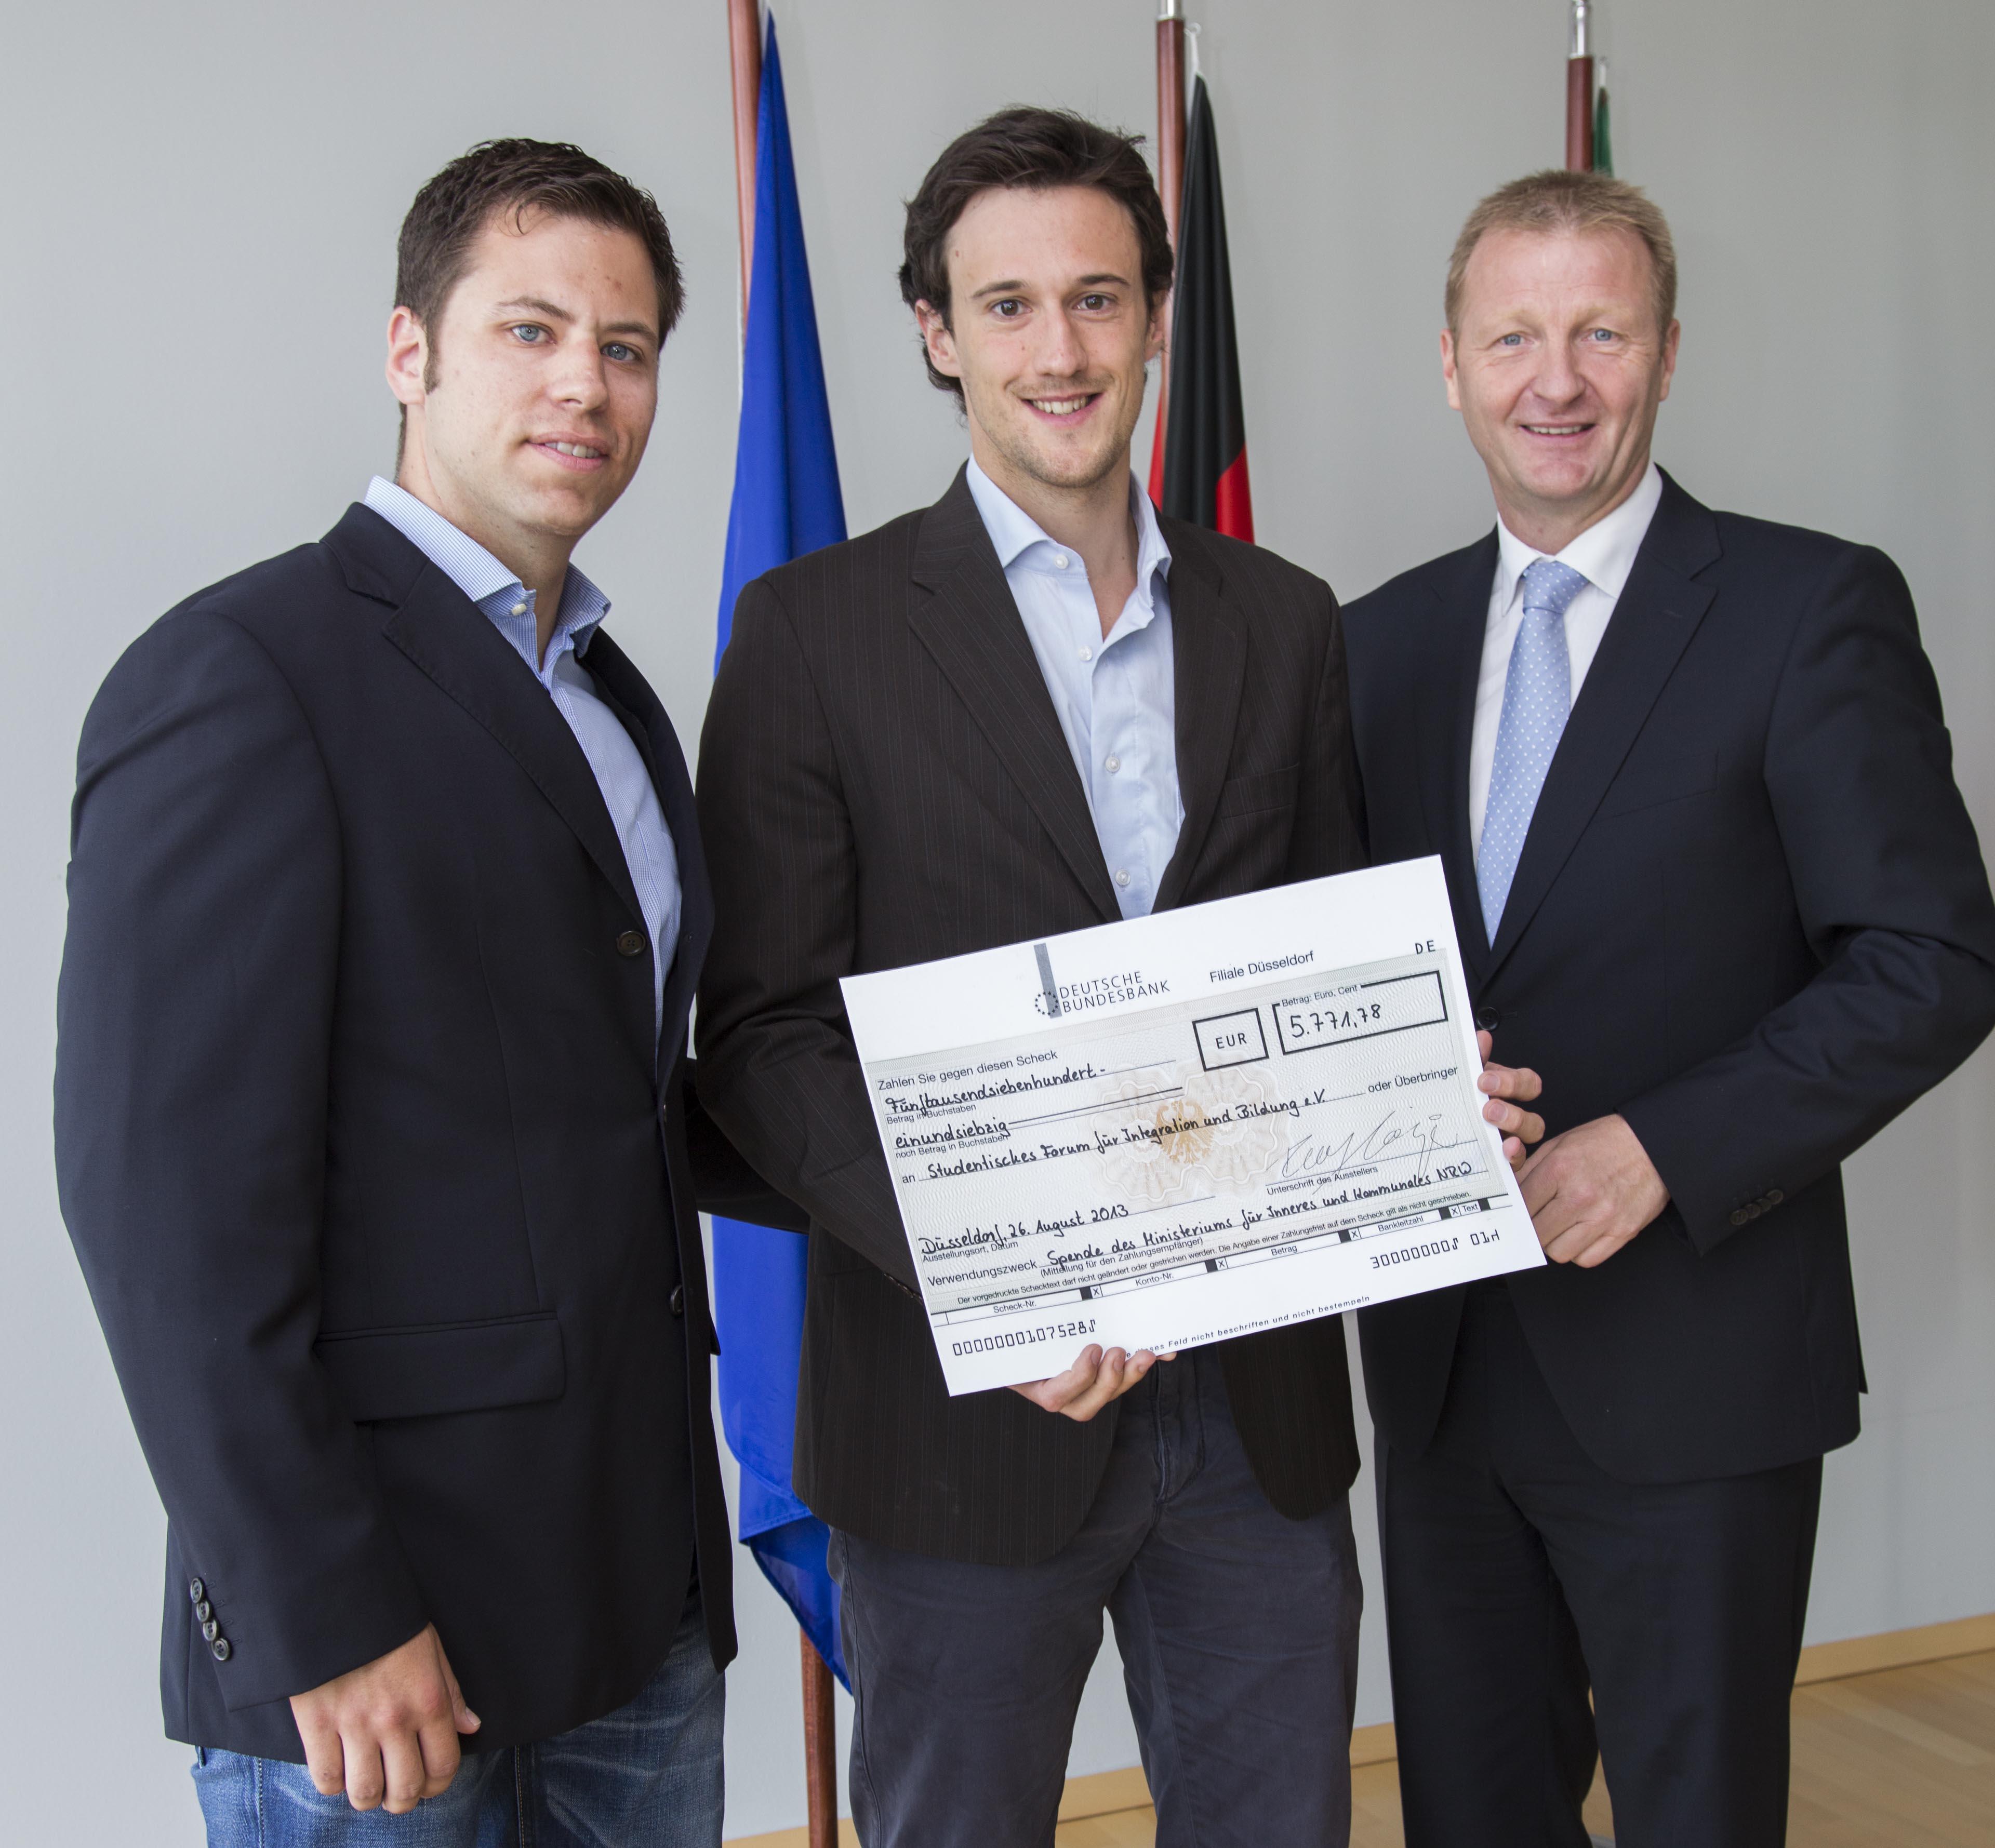 FIB erhält finanzielle Unterstützung durch das Land NRW!